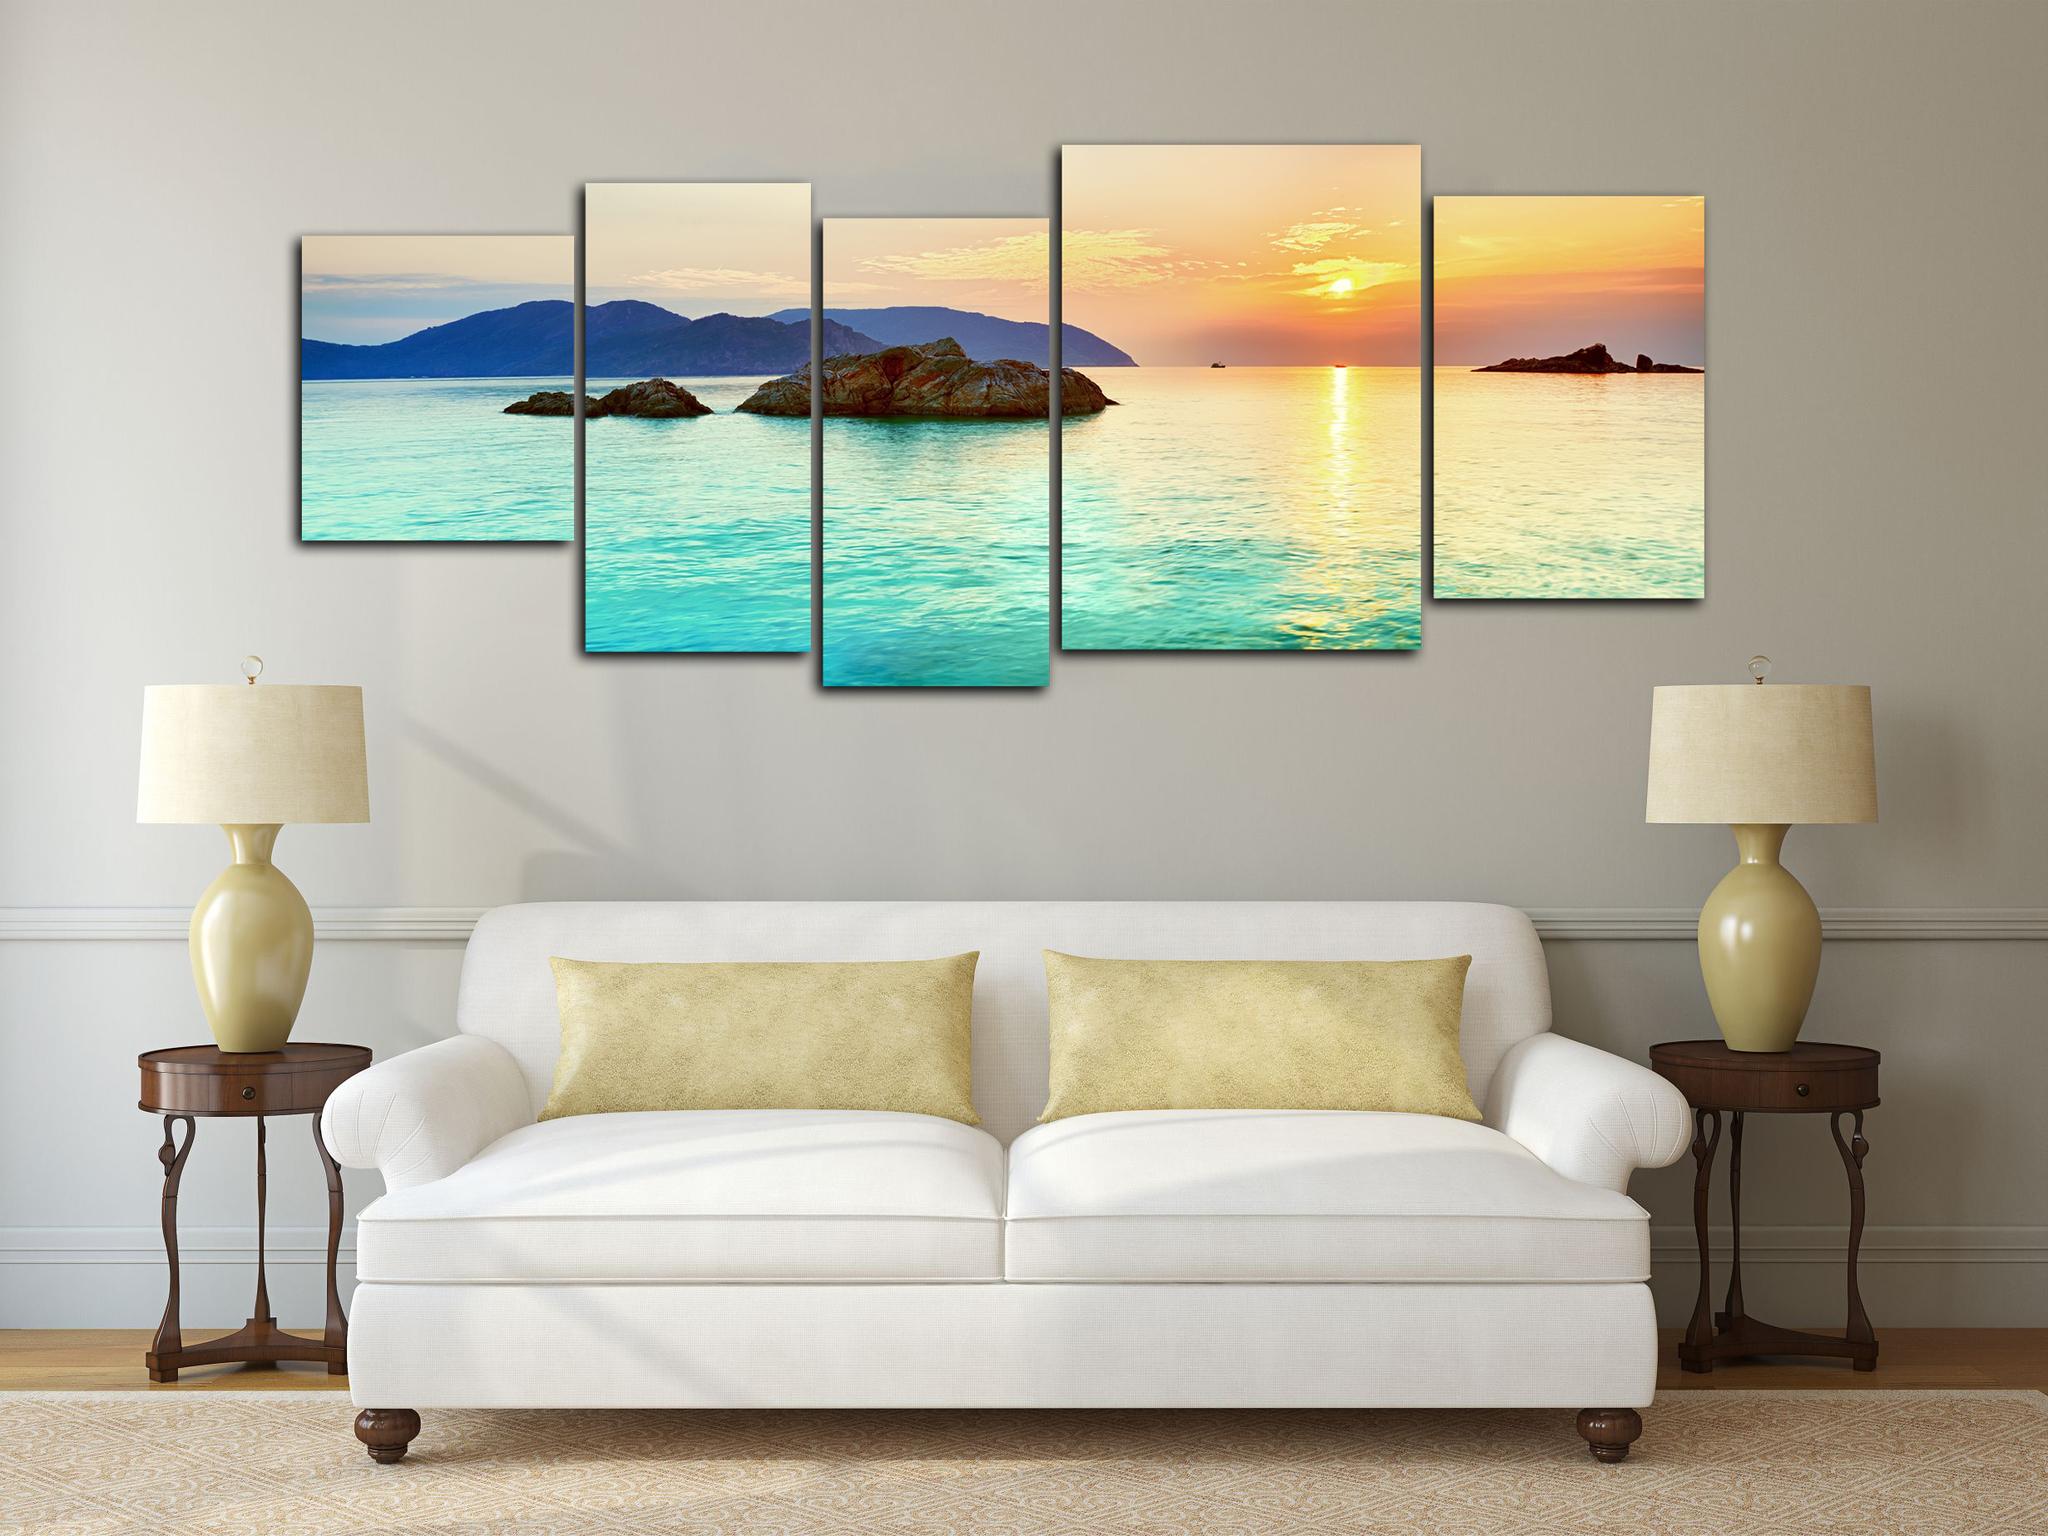 укуса красивые картинки для картины в комнату часто